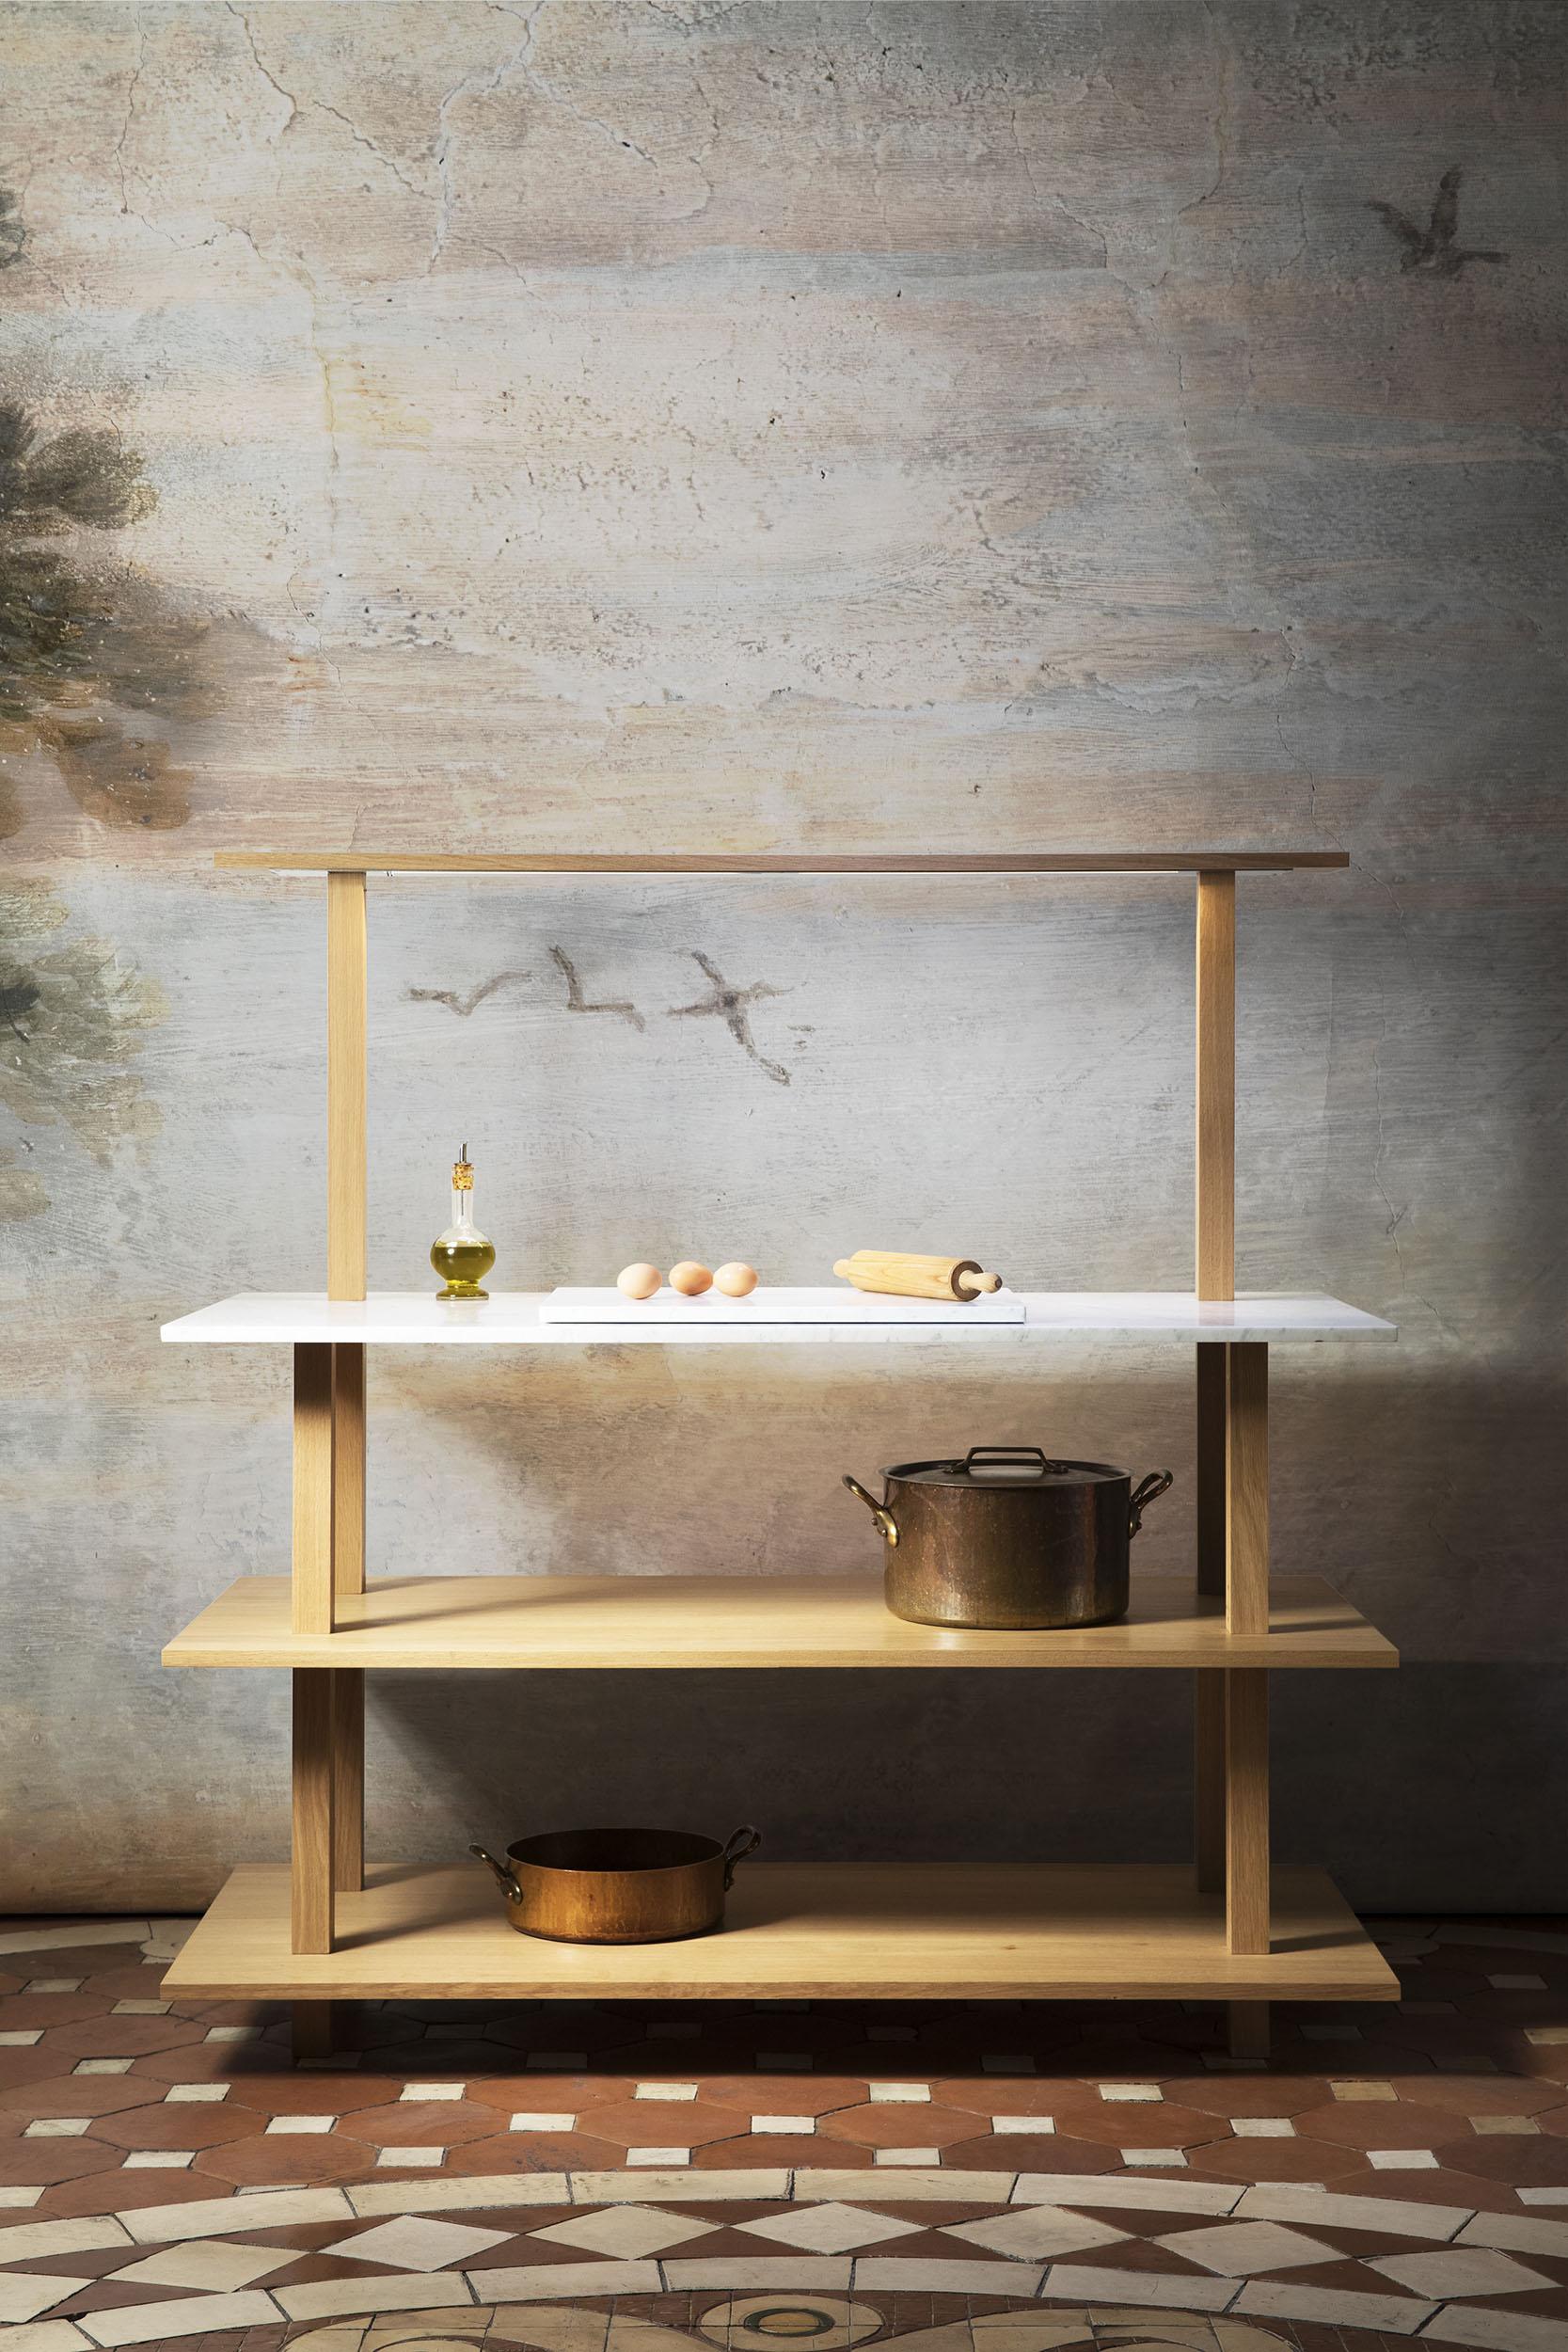 Meuble ouvert en chêne massif huilé pour la cuisine avec un top en marbre blanc de Carrare, un portique éclairant à une étagère et un marbre à pâtisserie